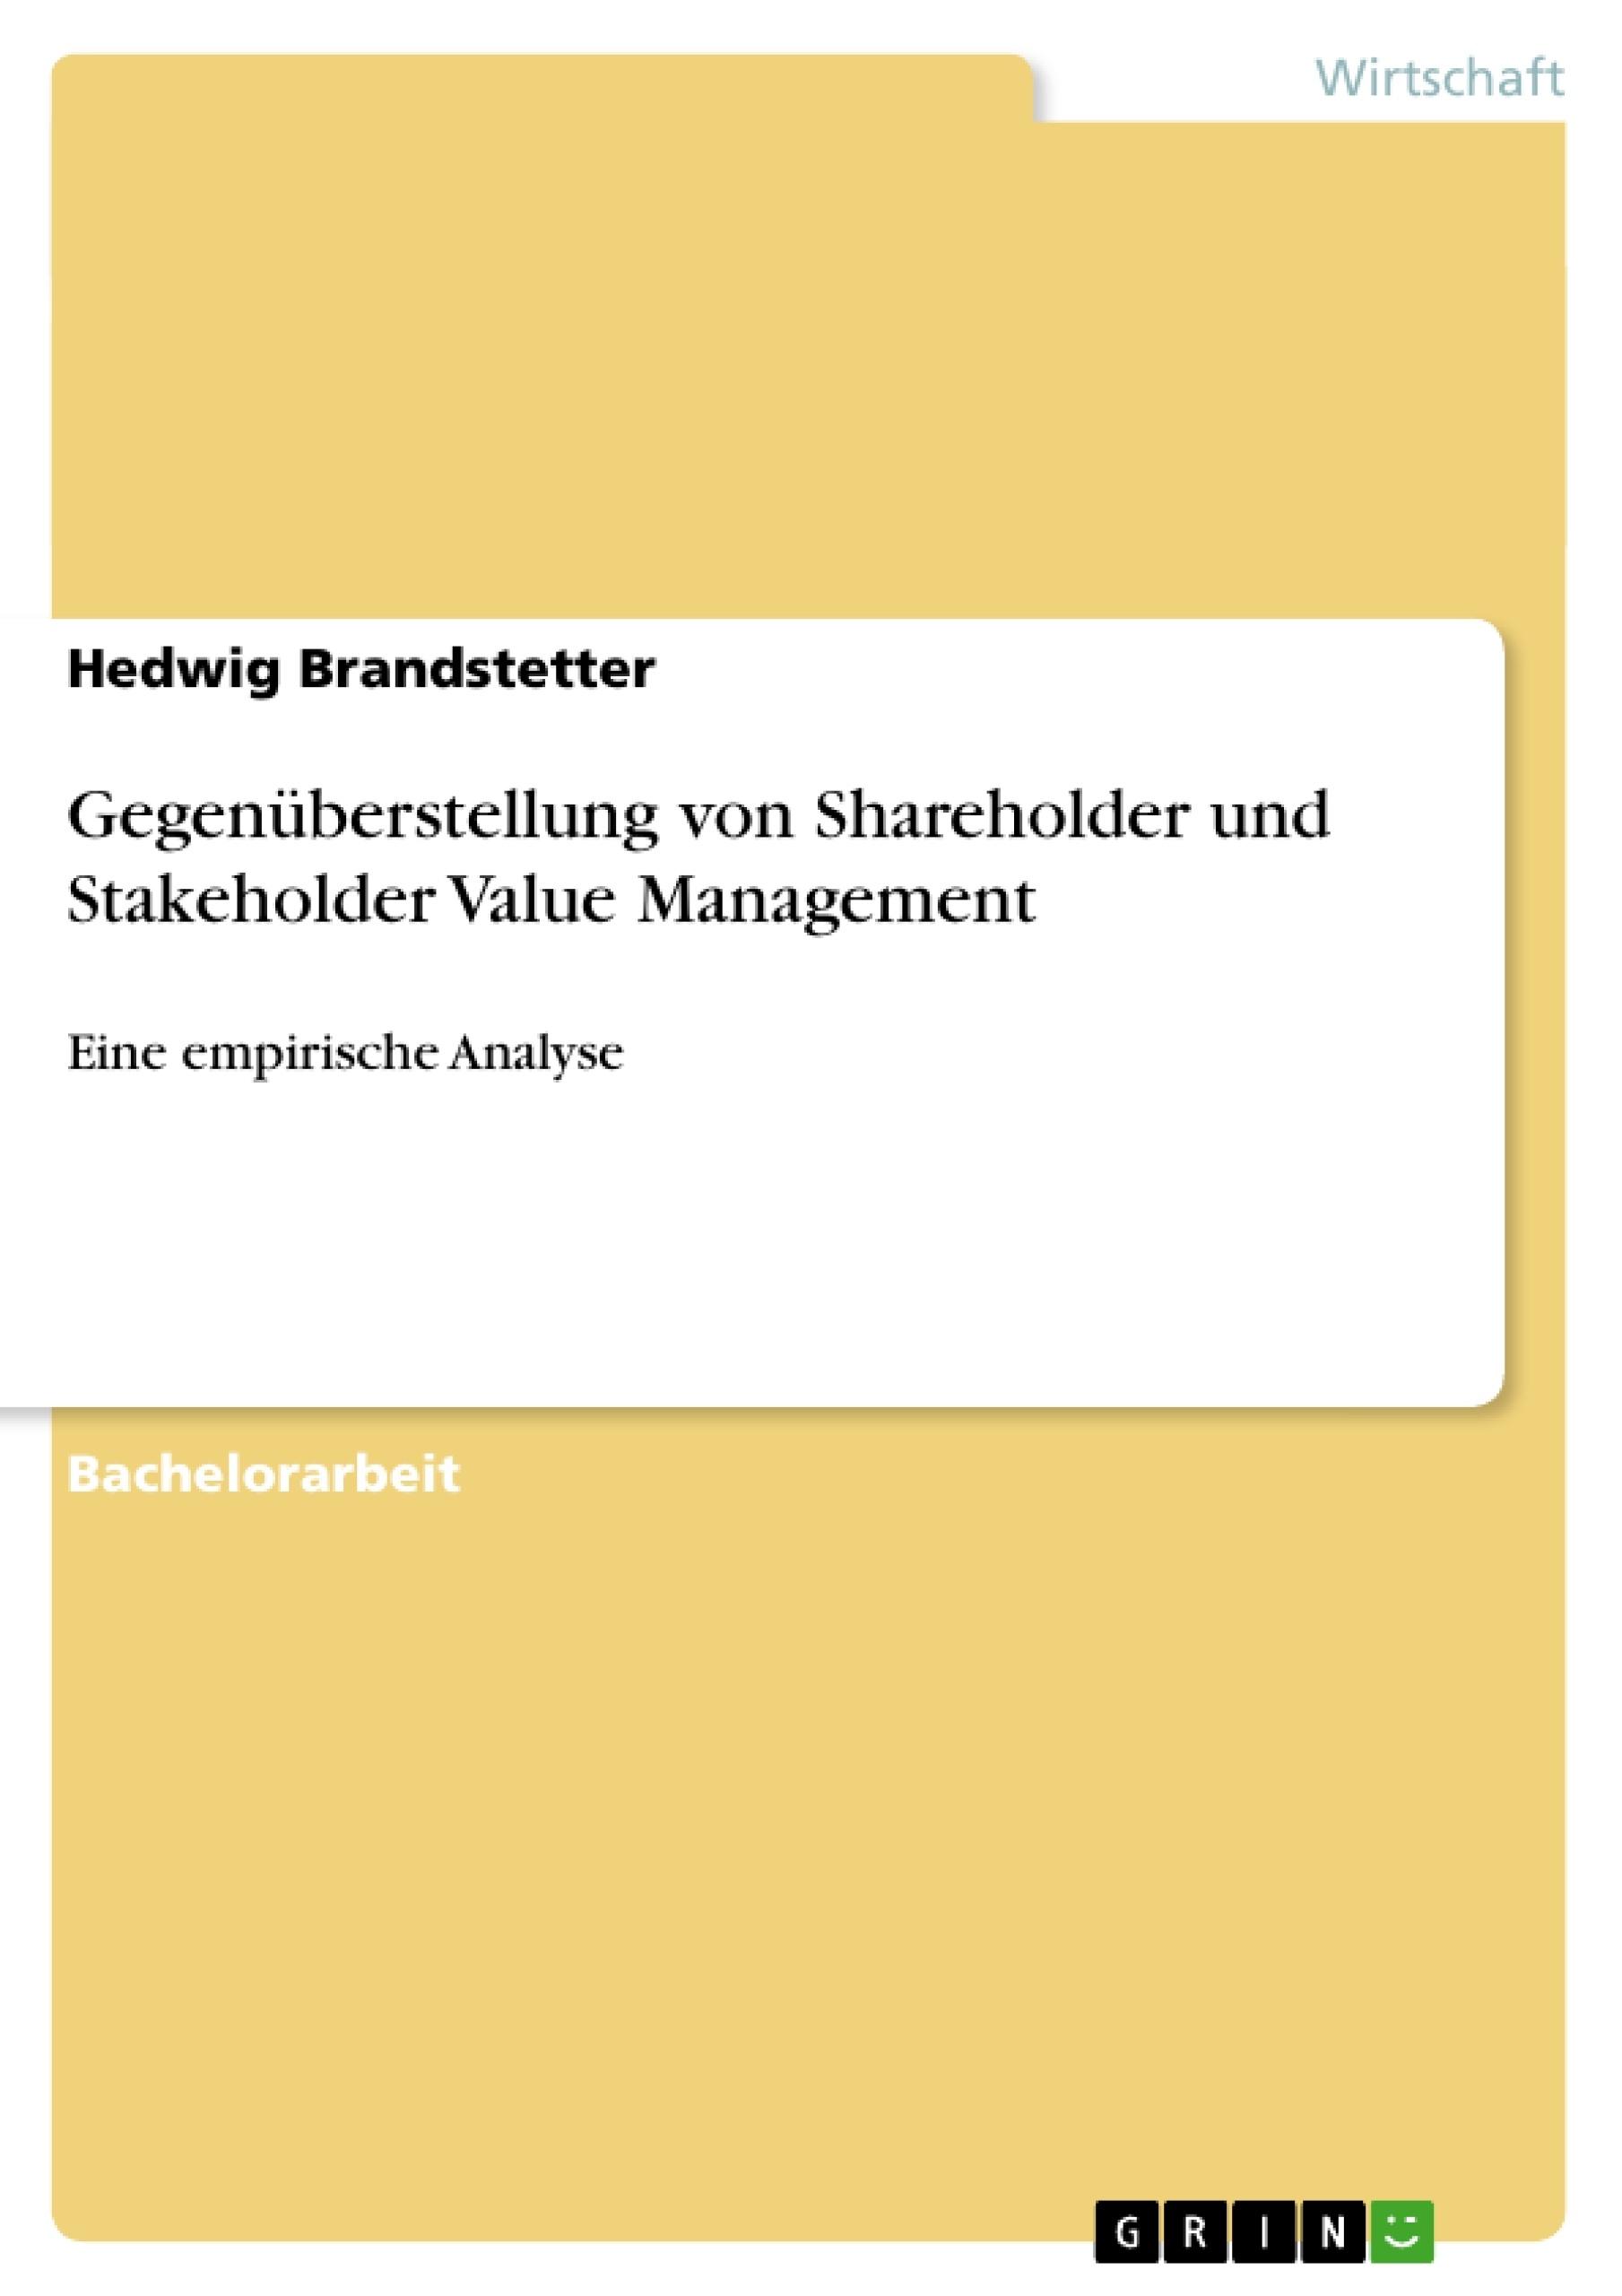 Titel: Gegenüberstellung von Shareholder und Stakeholder Value Management